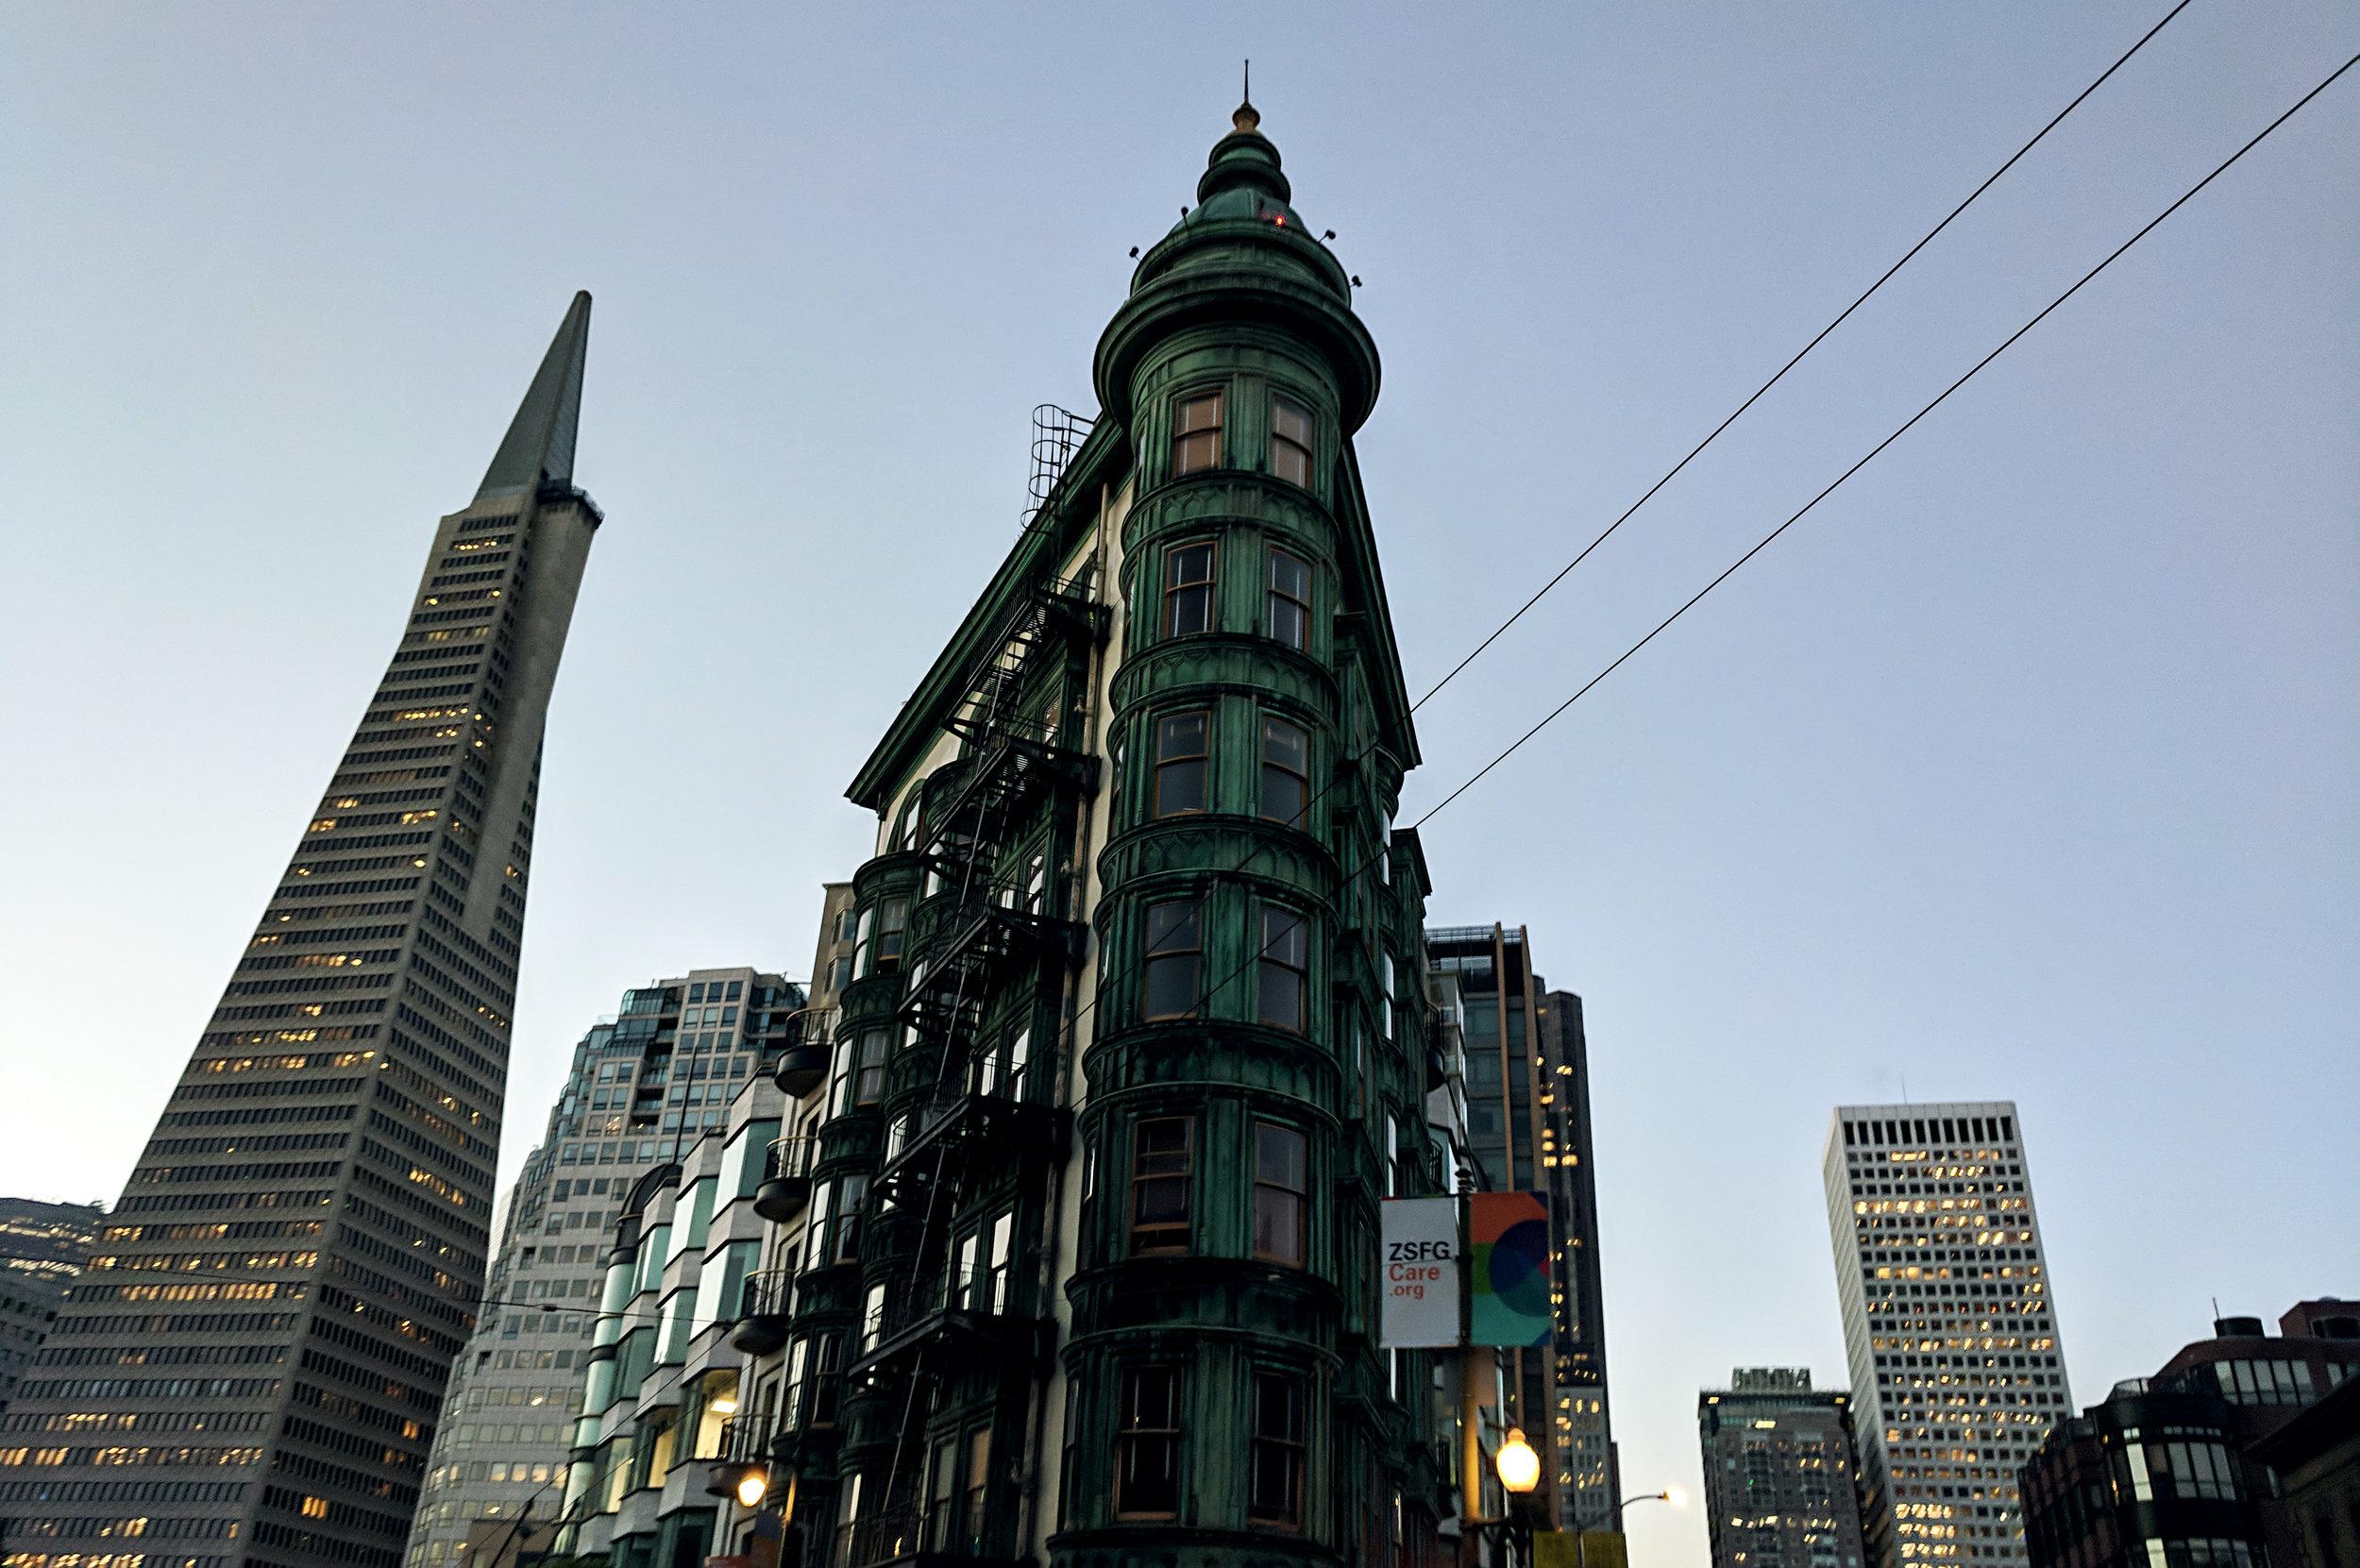 dope buildings copy.jpg